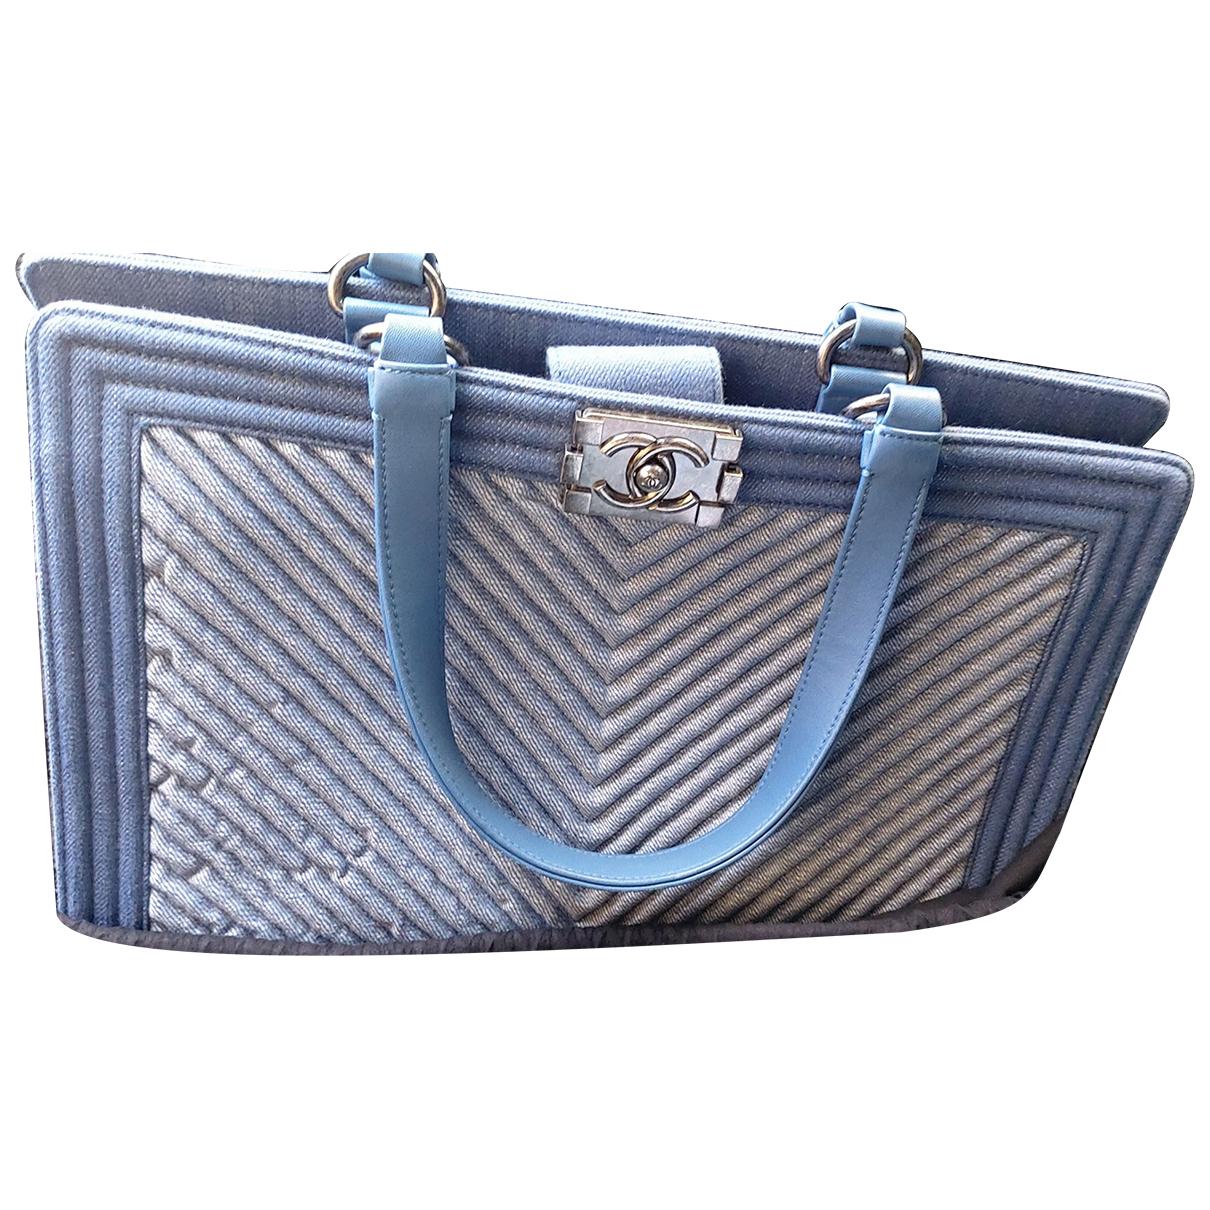 Chanel Boy Handtasche in  Blau Baumwolle